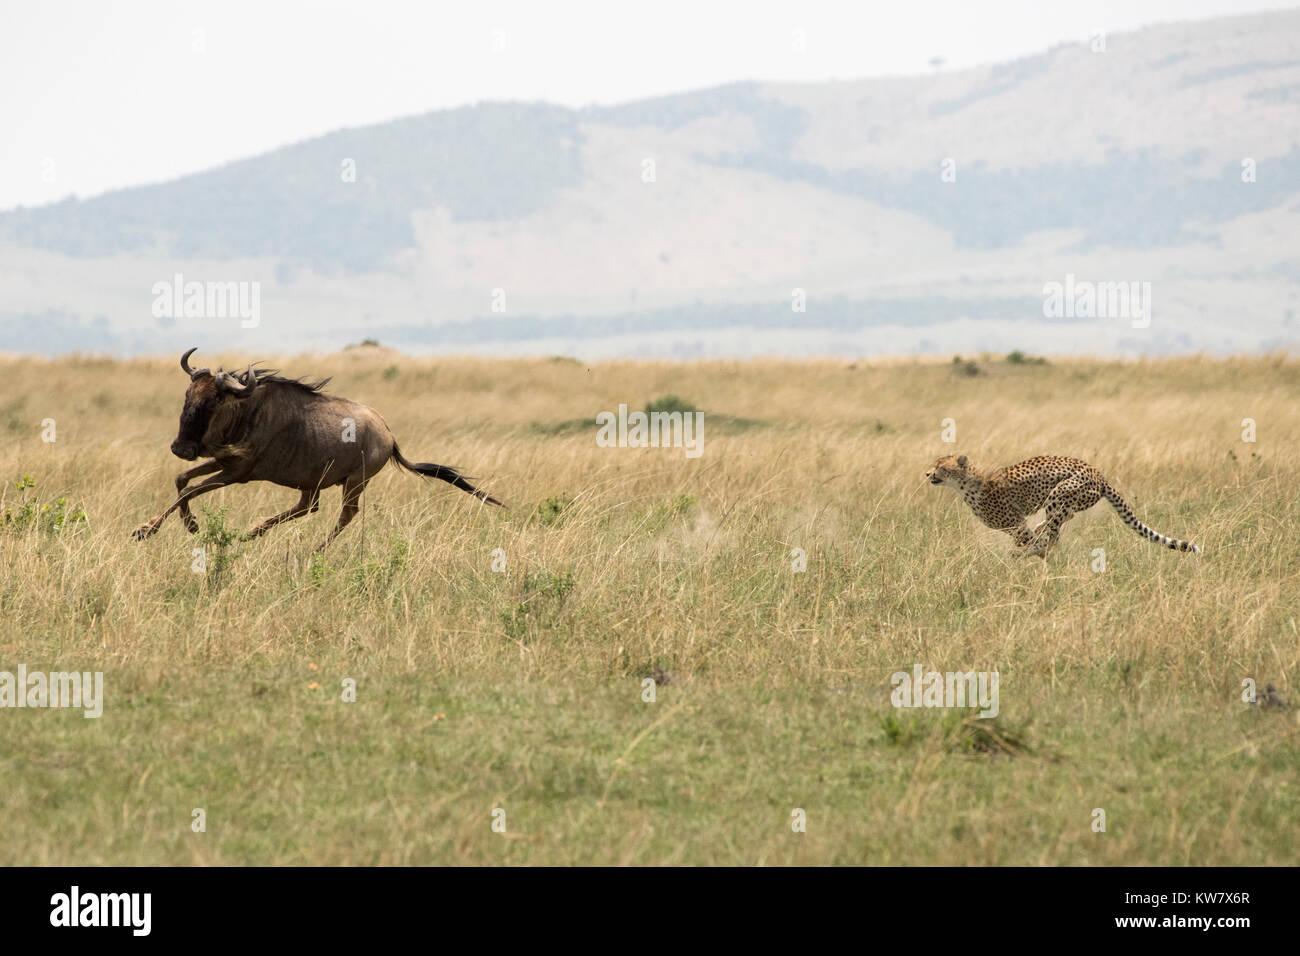 Le Guépard (Acinonyx jubatus) à la poursuite d'un wildebeeste (Gnu, Connochaetes taurinus) Banque D'Images